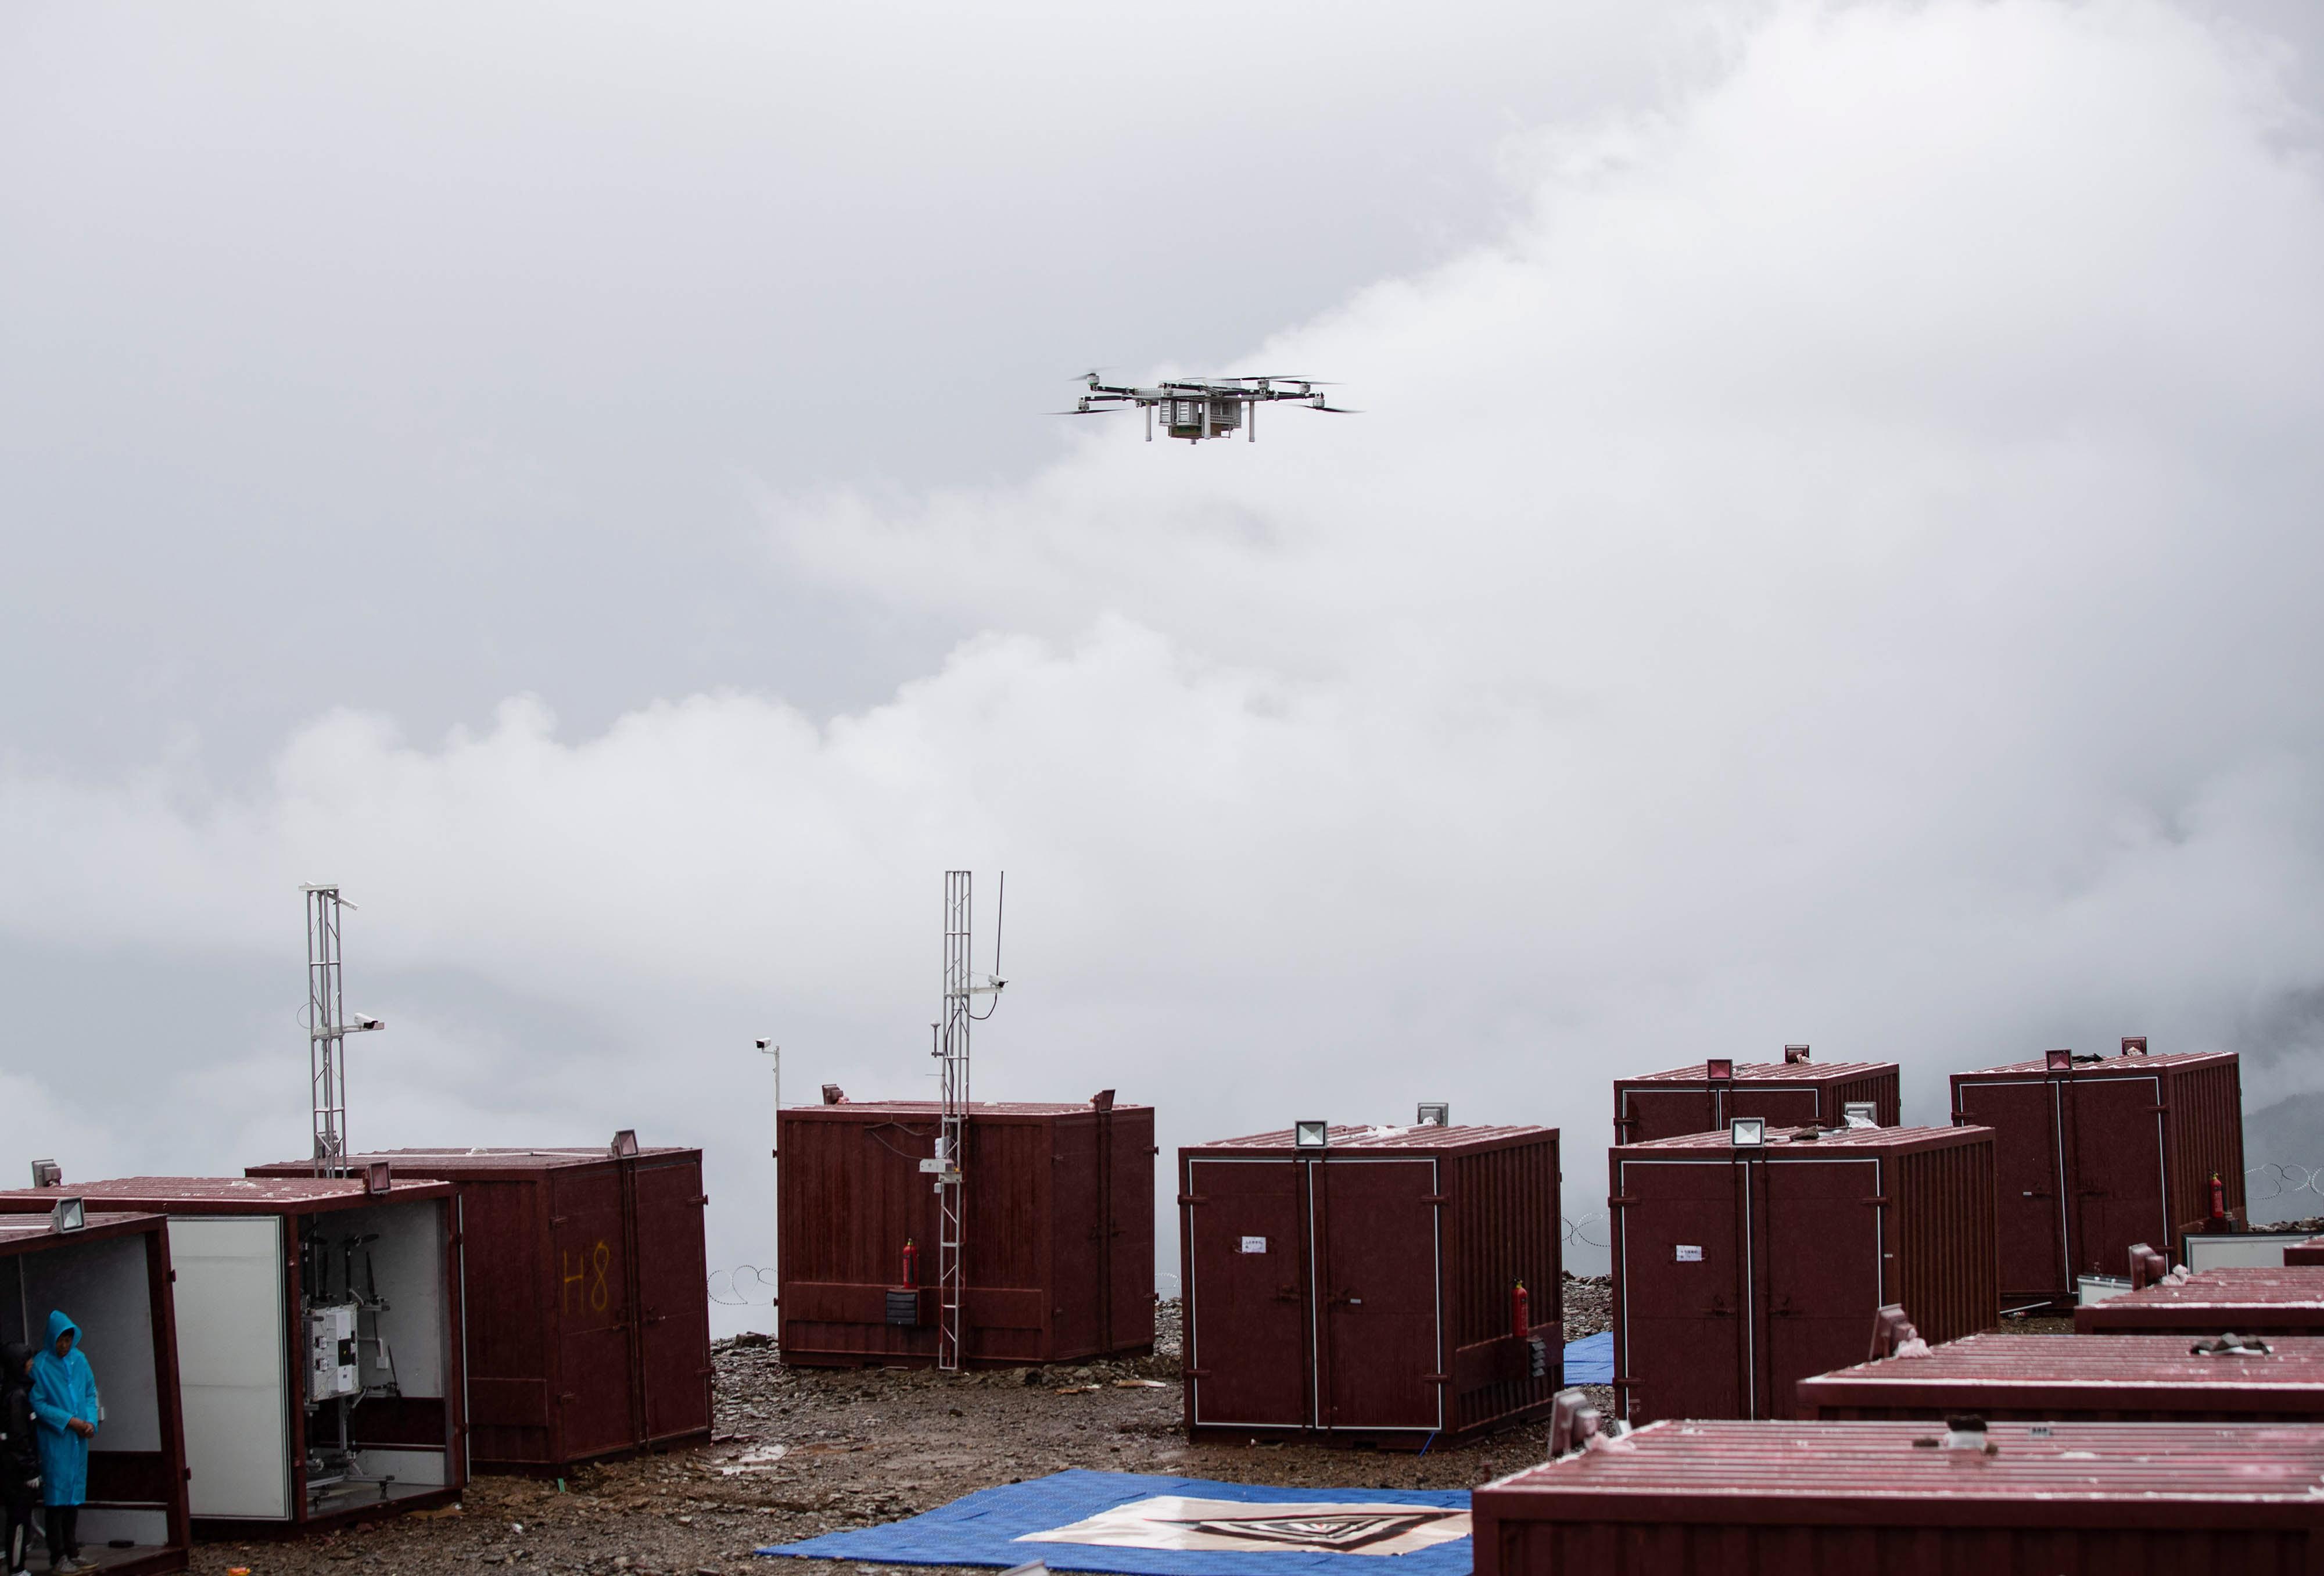 8月4日,一架无人机携带营地的新鲜松茸抵达雅江县帕姆岭寺顺丰无人机雅江运营基地。新华社记者 江宏景 摄